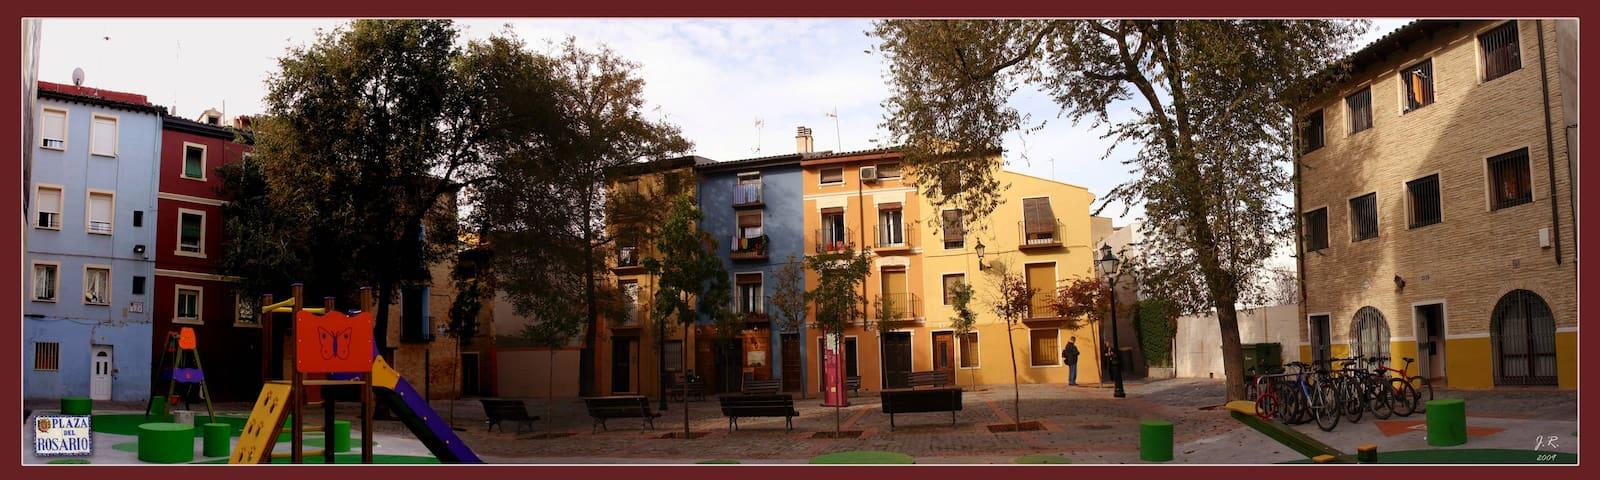 Casa centrica del siglo XVII - Zaragoza - Rumah